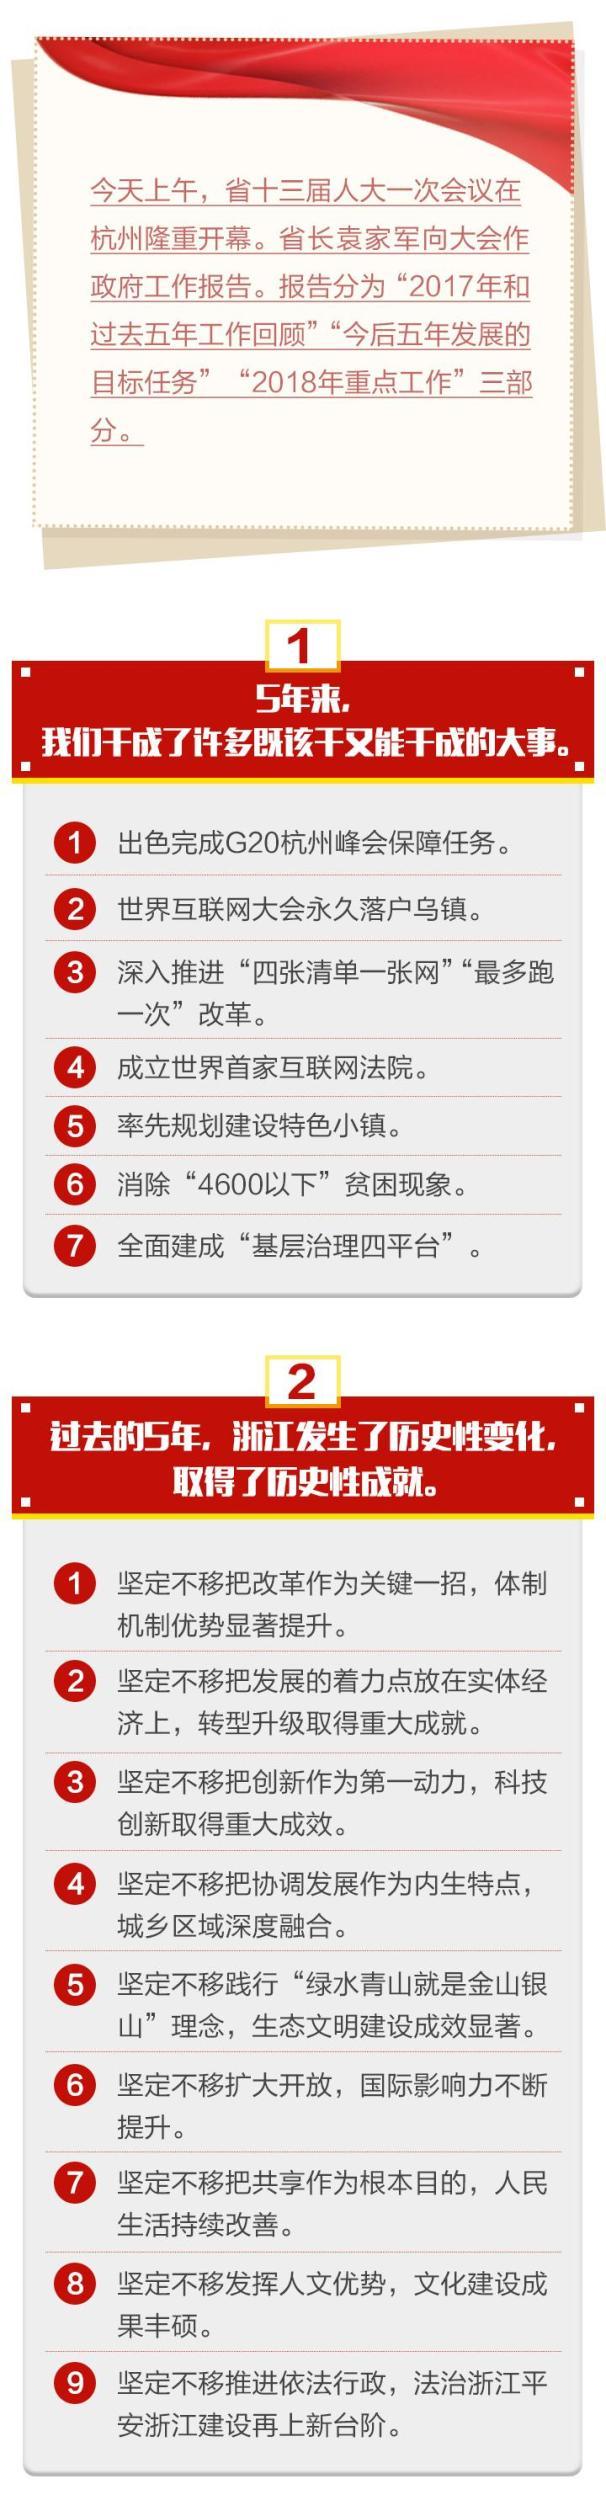 杭州最火餐饮店竟深居社区小巷 全年15万+份外卖!